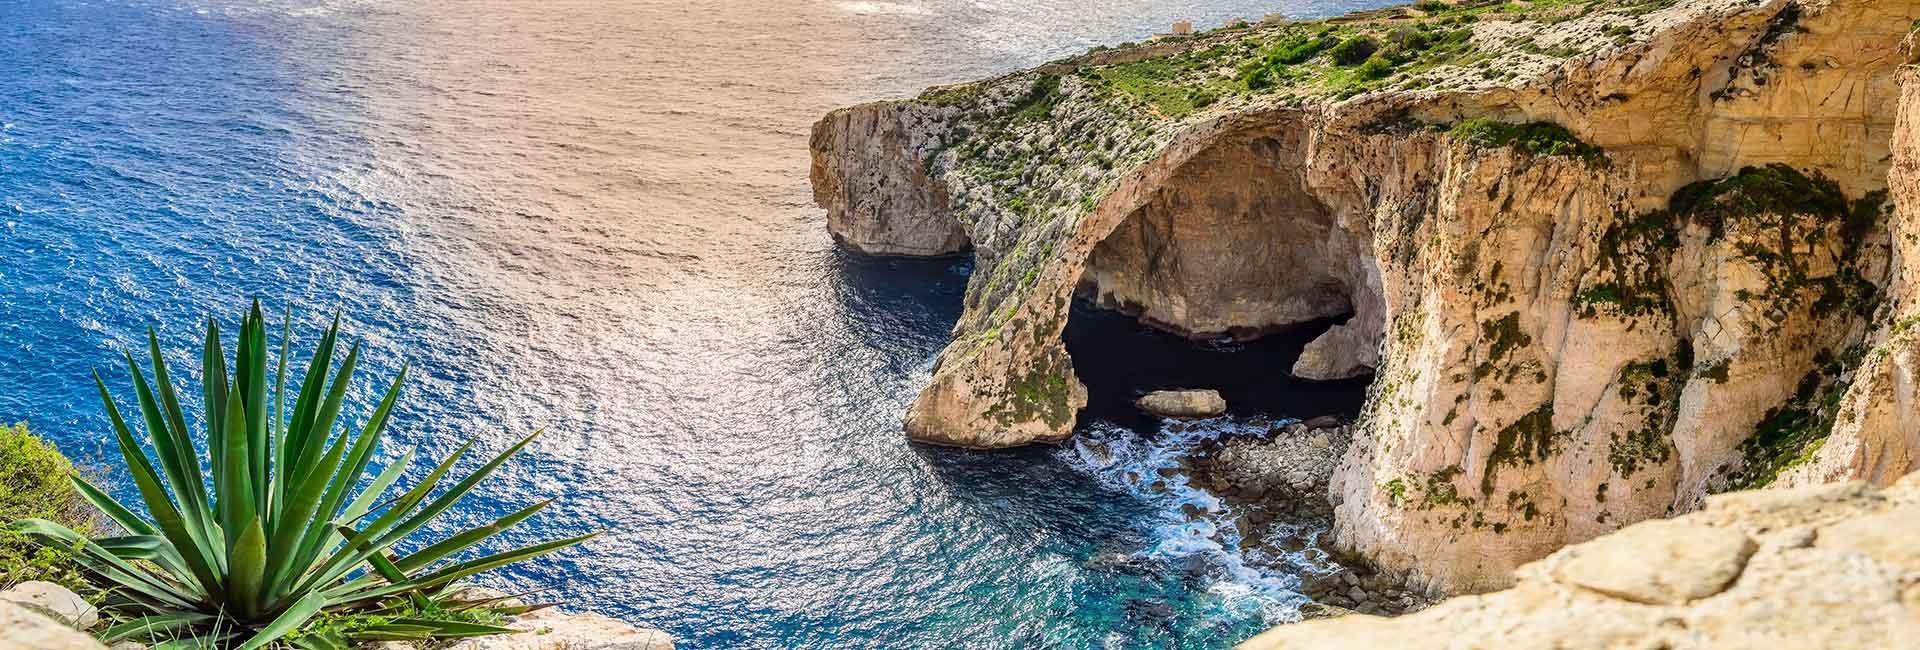 Bisevo Island